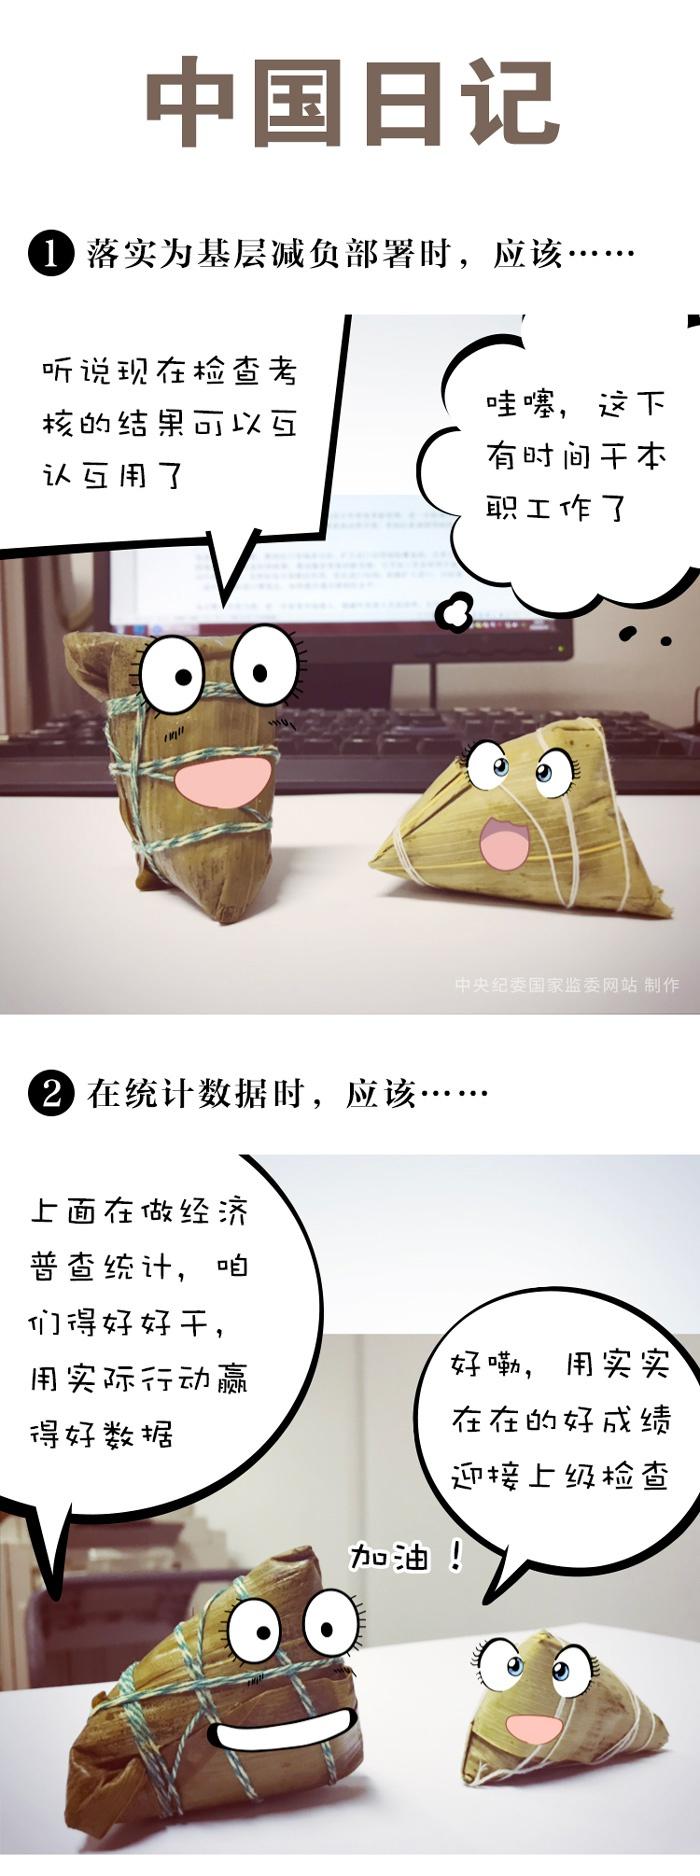 中国日记·6月25日 | 超萌海报,粽粽给你的端午温馨提醒图片